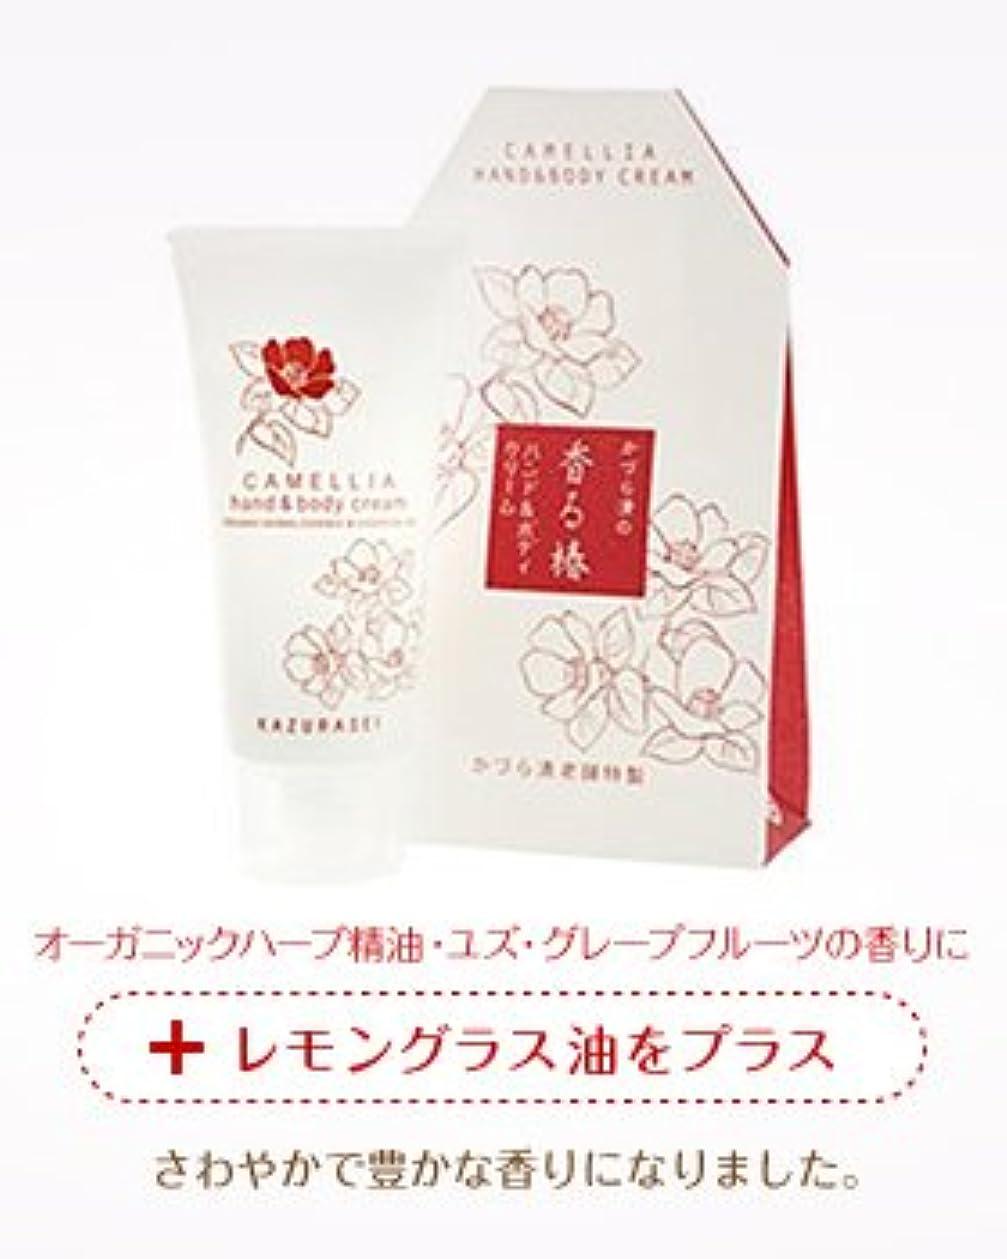 ルーフ乳剤製品京?祇園 かづら清老舗 香る椿 ハンド&ボディクリーム 60g